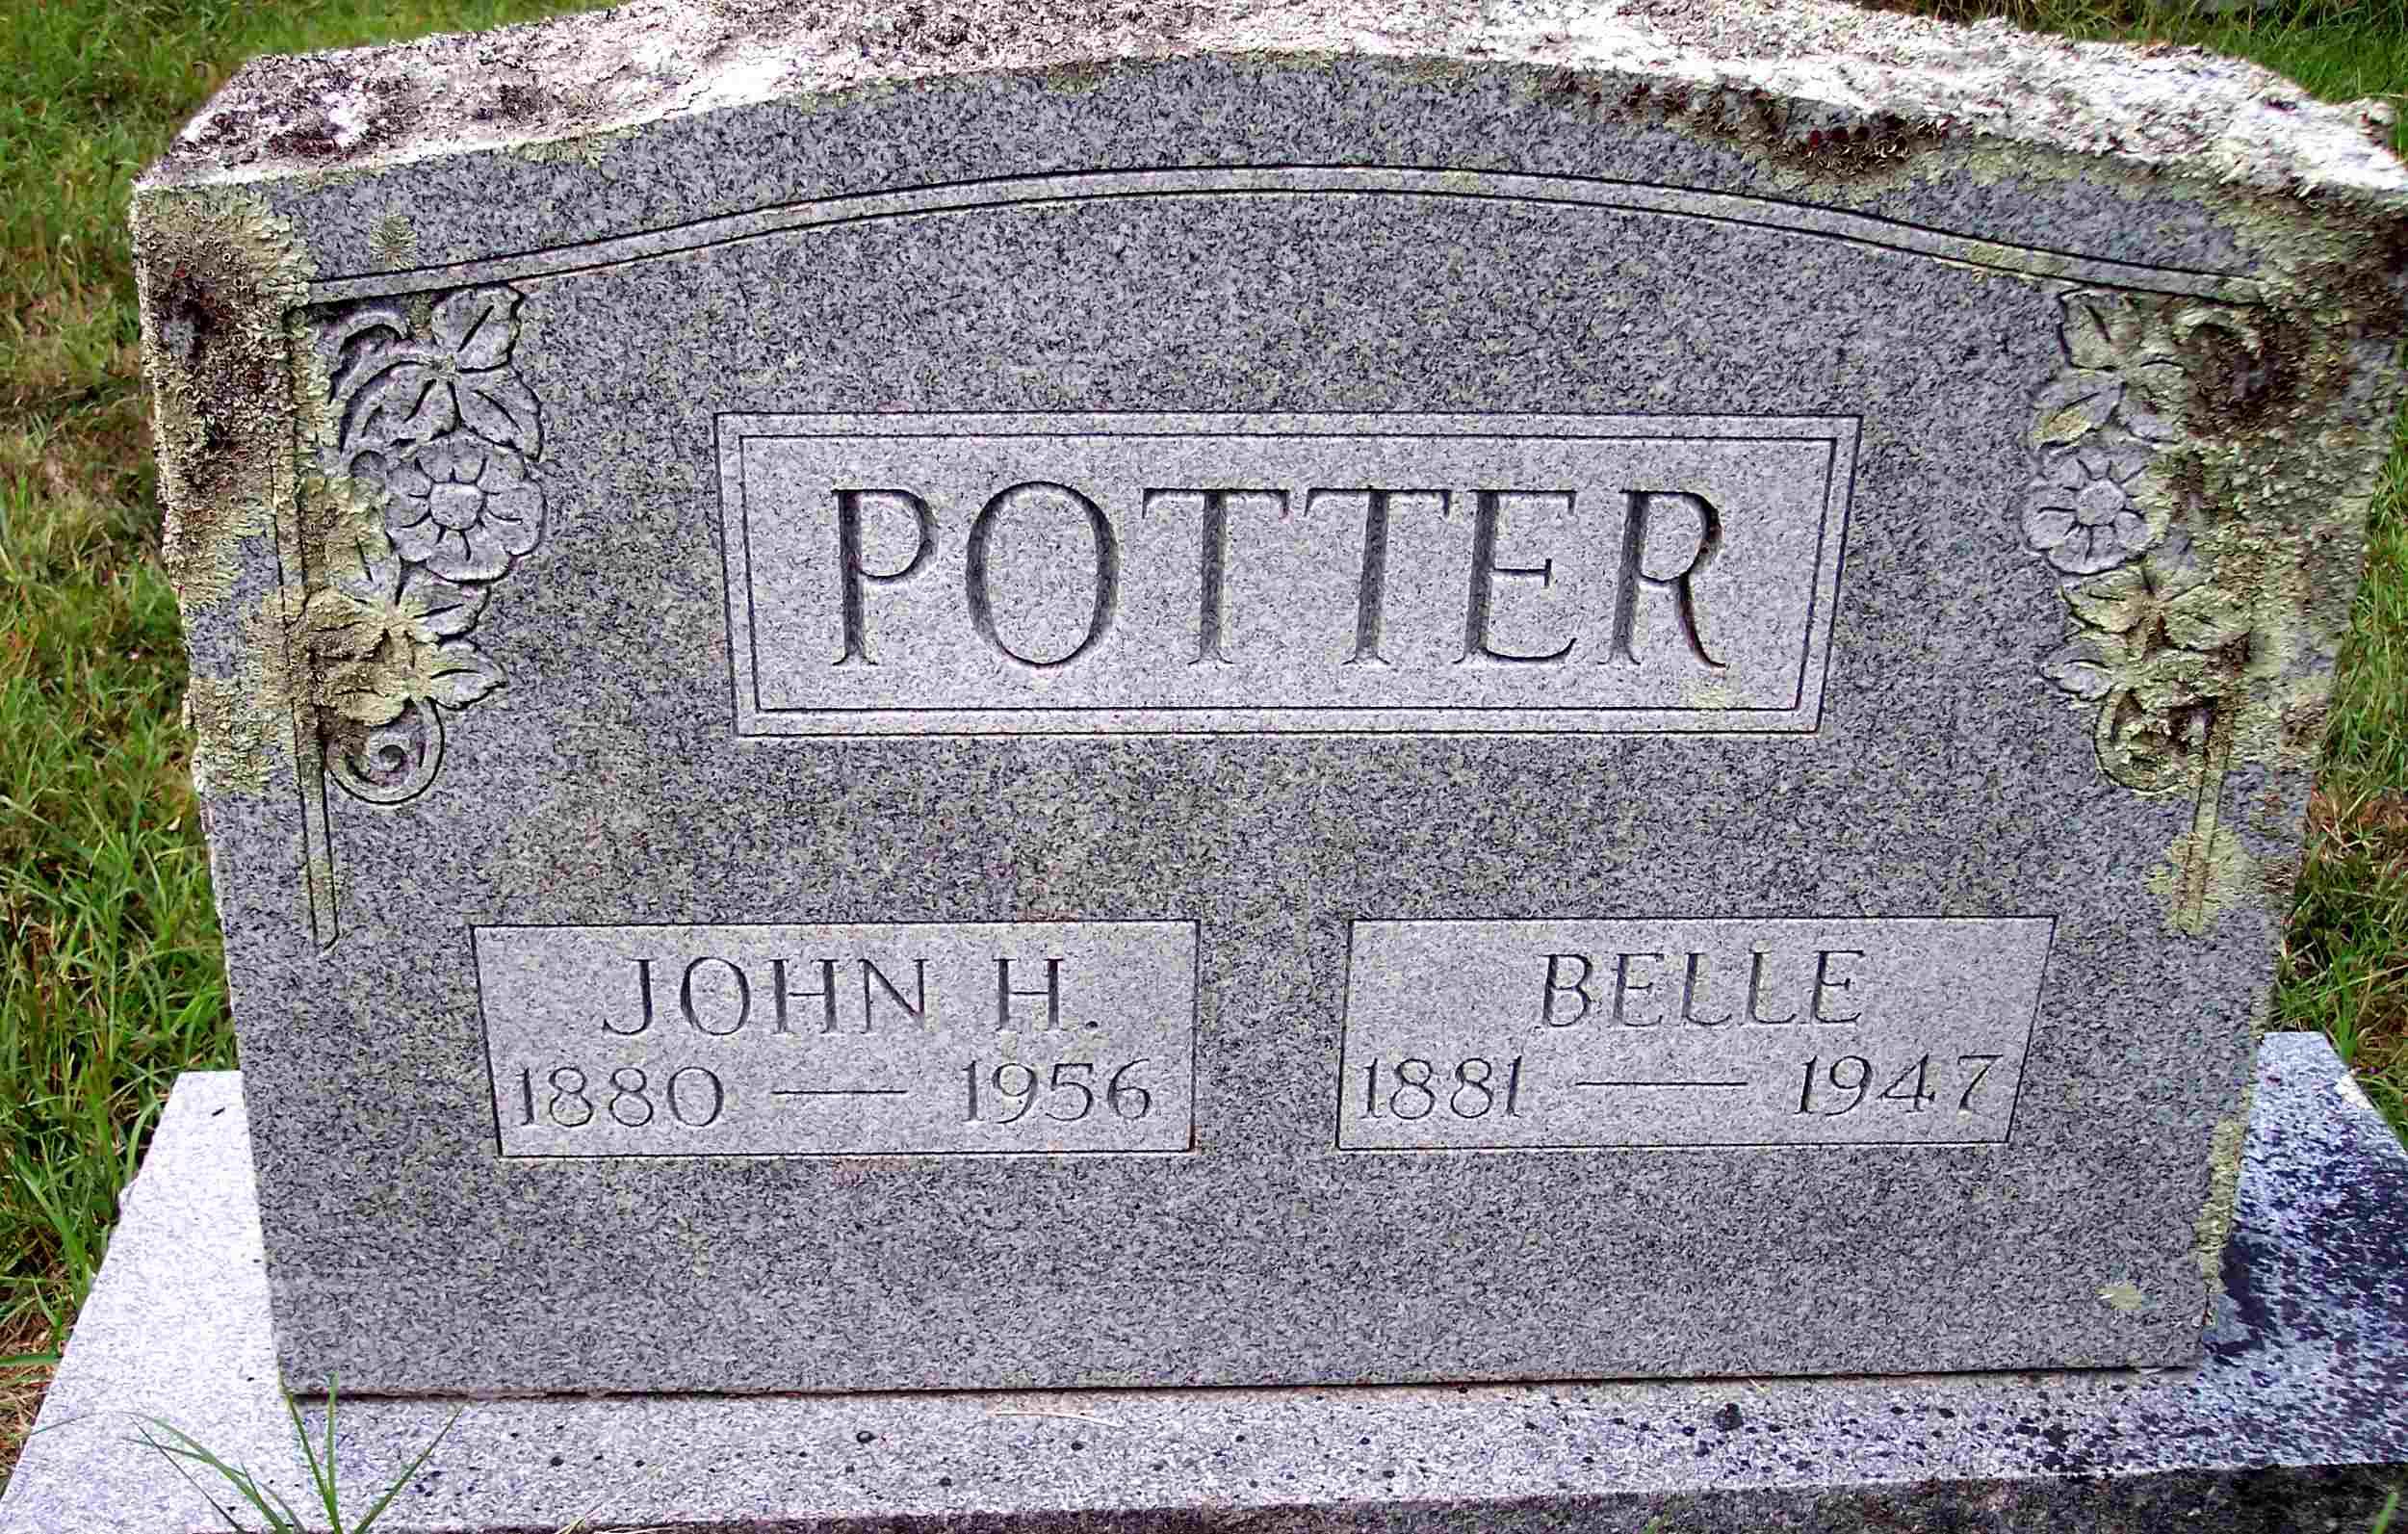 John Hastin Potter